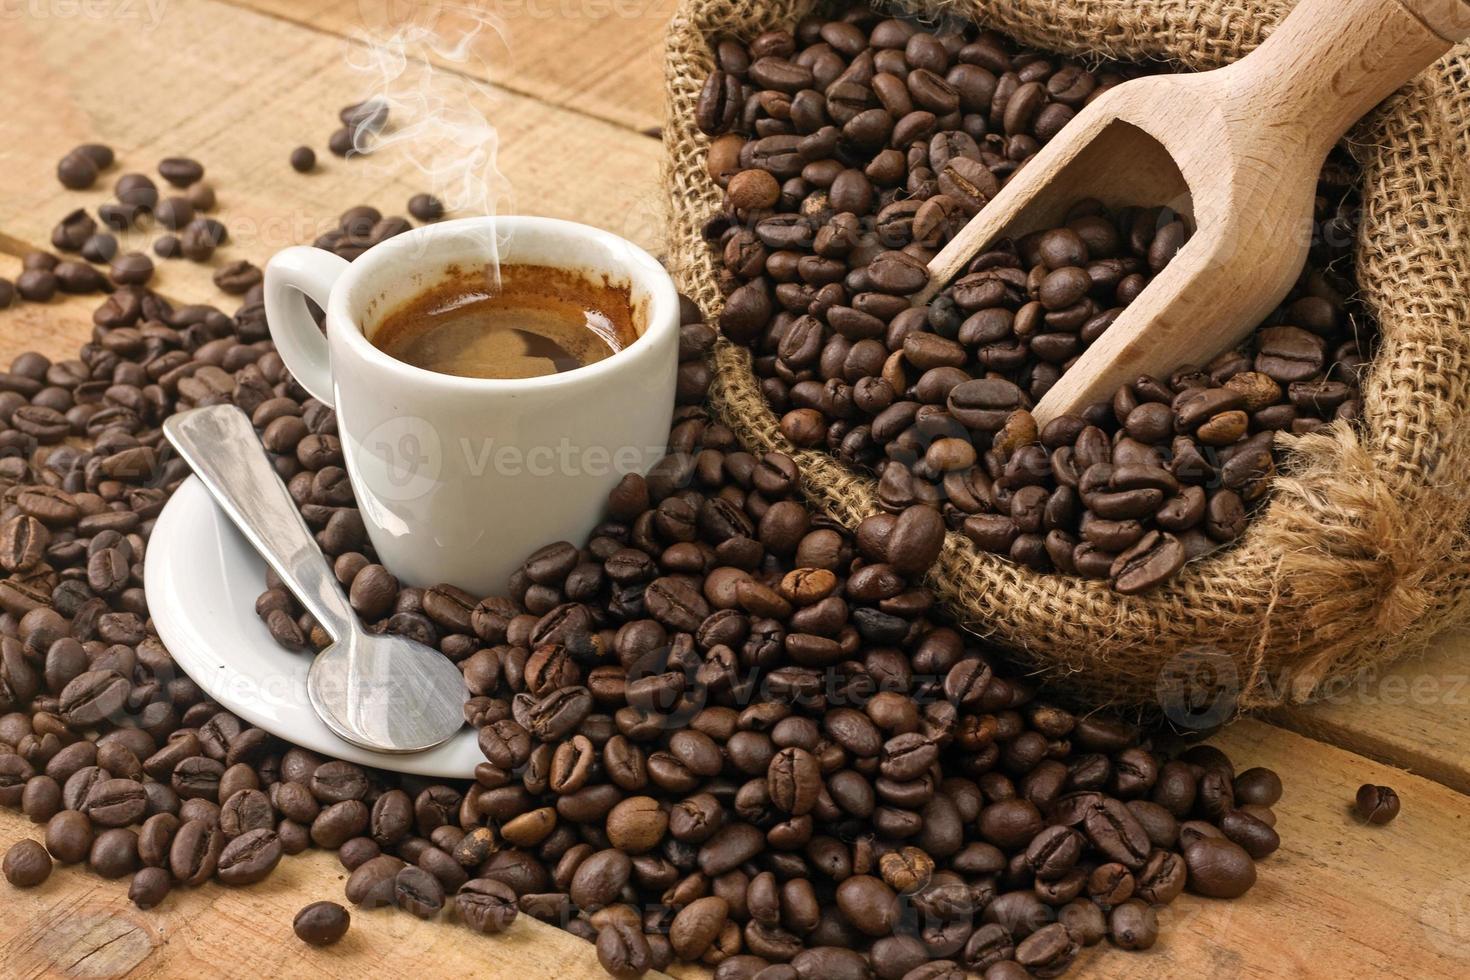 kaffekopp och korn på träbord foto